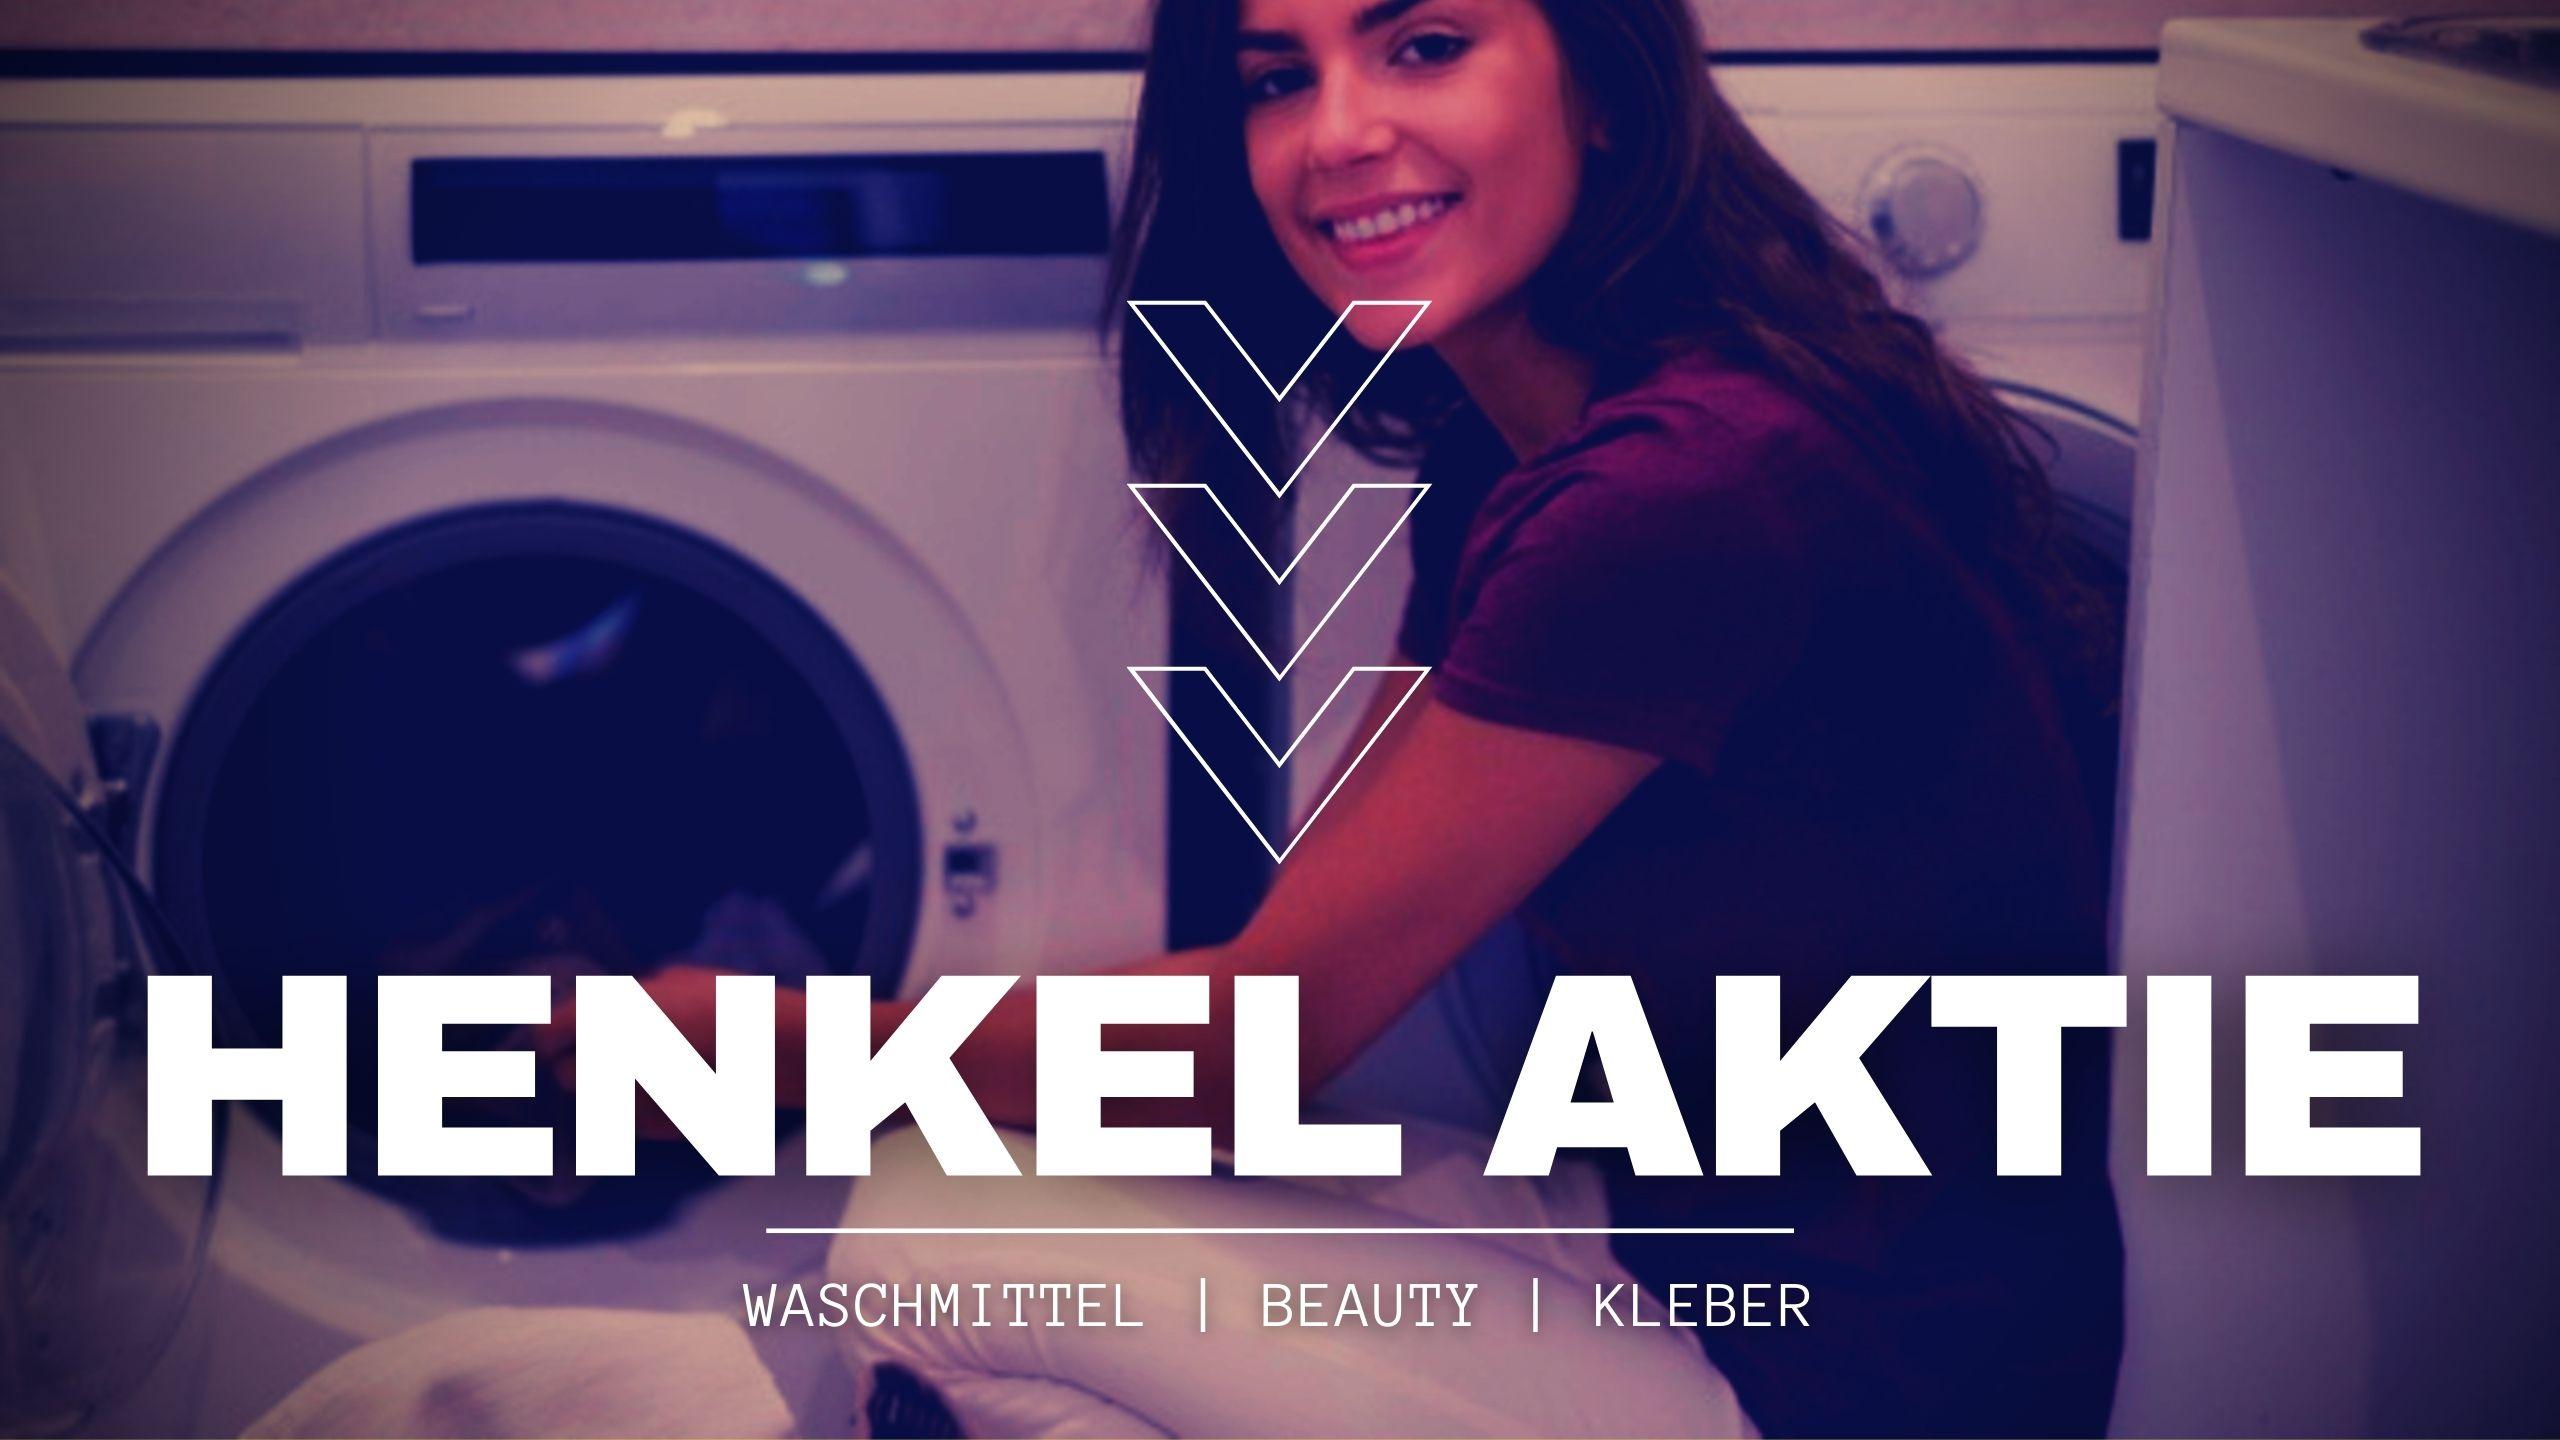 Henkel-Aktie - Was macht eigentlich dieser DAX-Konzern? - Trendbetter.de - Aktien & Börse